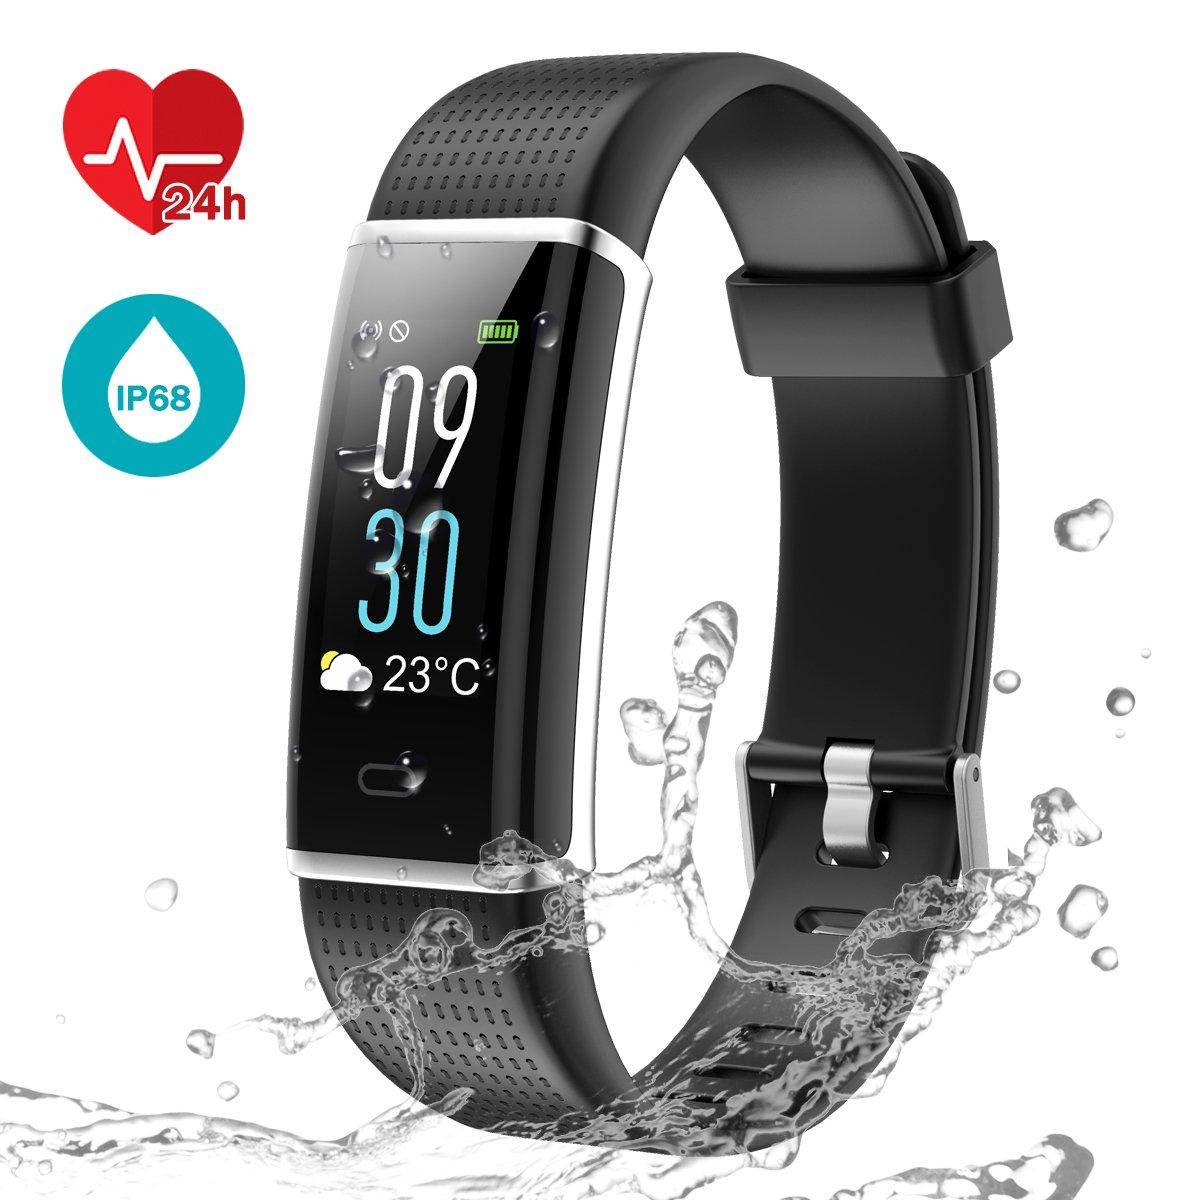 Fitness Tracker [Schermo a colori], LATEC Cardiofrequenzimetro Smartwatch Activity Tracker Impermeabile IP68 Braccialetto Intelligente Pedometro con 14 modi di sport Meteo Monitor di sonno Chiamata SMS Notifica 04-5018